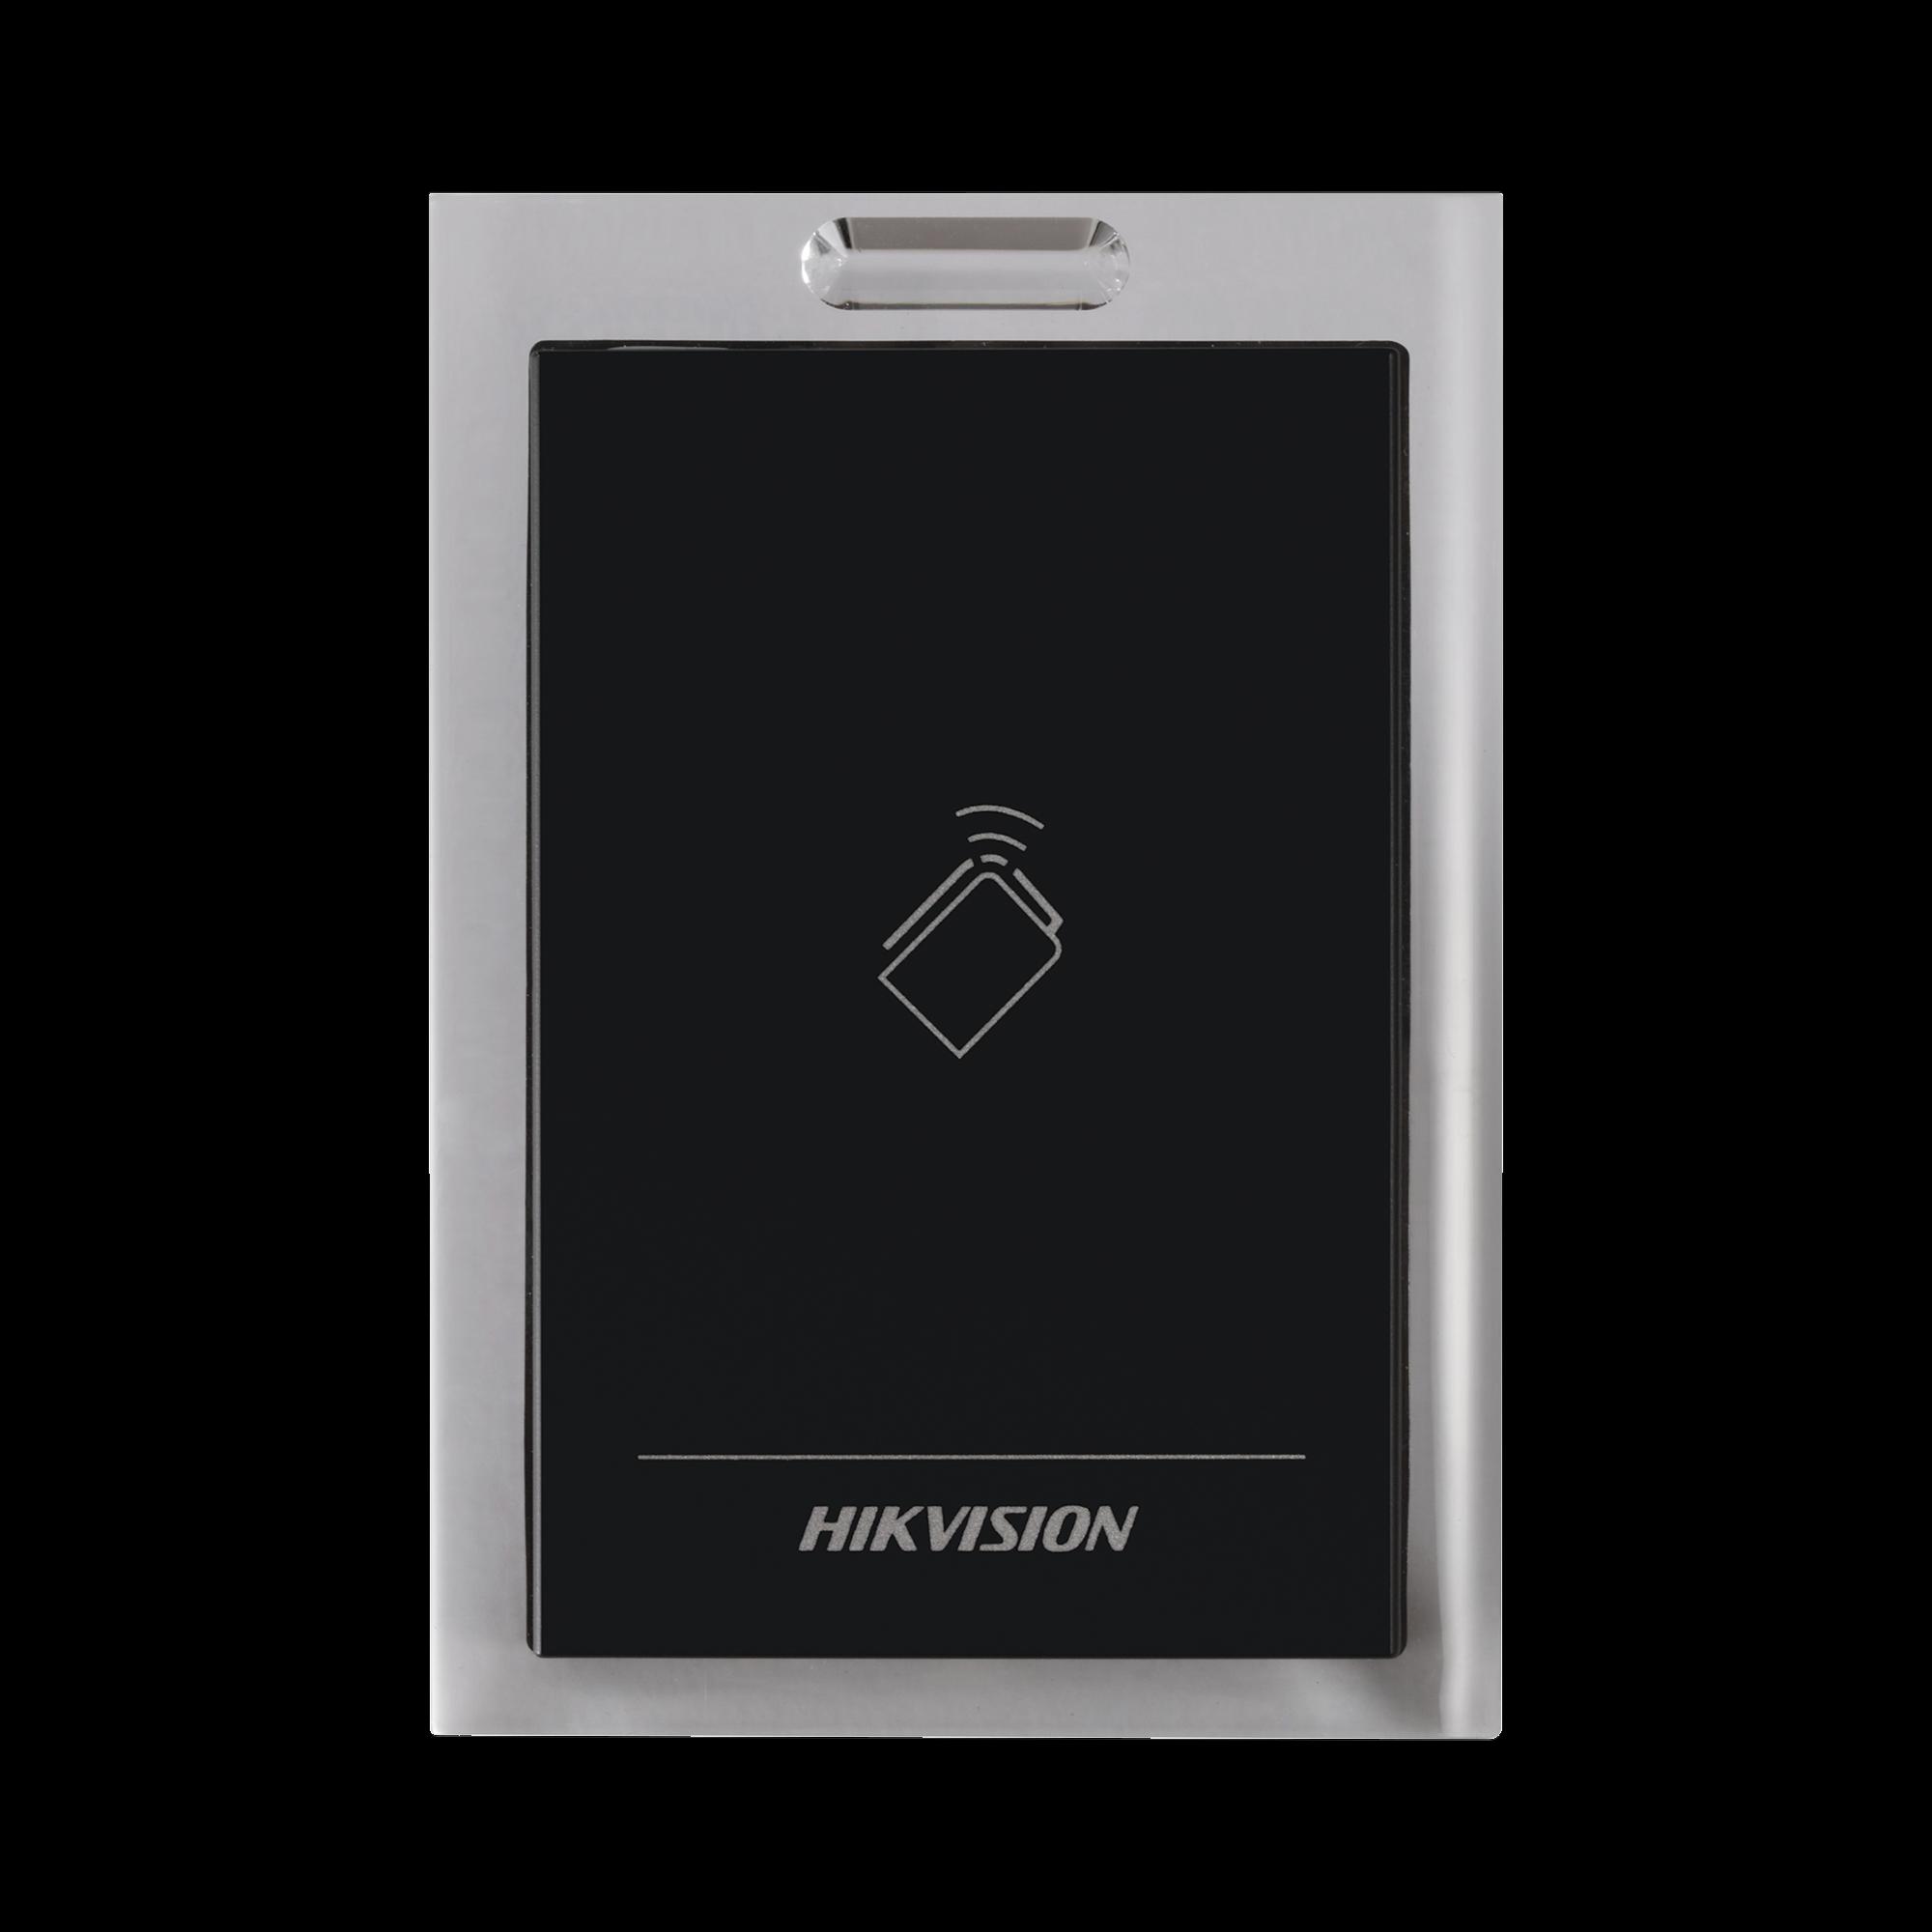 Lector de Tarjetas MIFARE / Conexión Wiegand y RS-485 / Estético y Fácil de Utilizar / Indicador LED